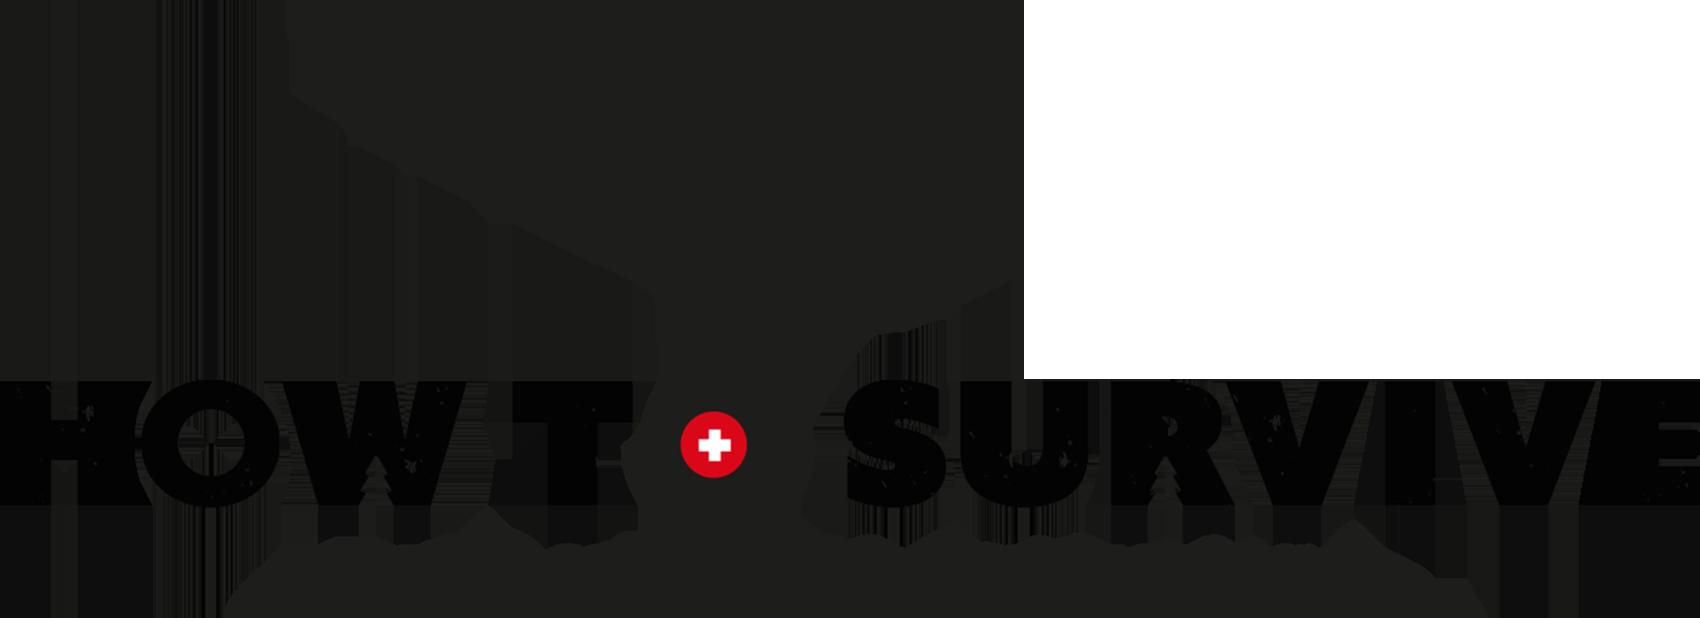 How to Survive Outdoor School